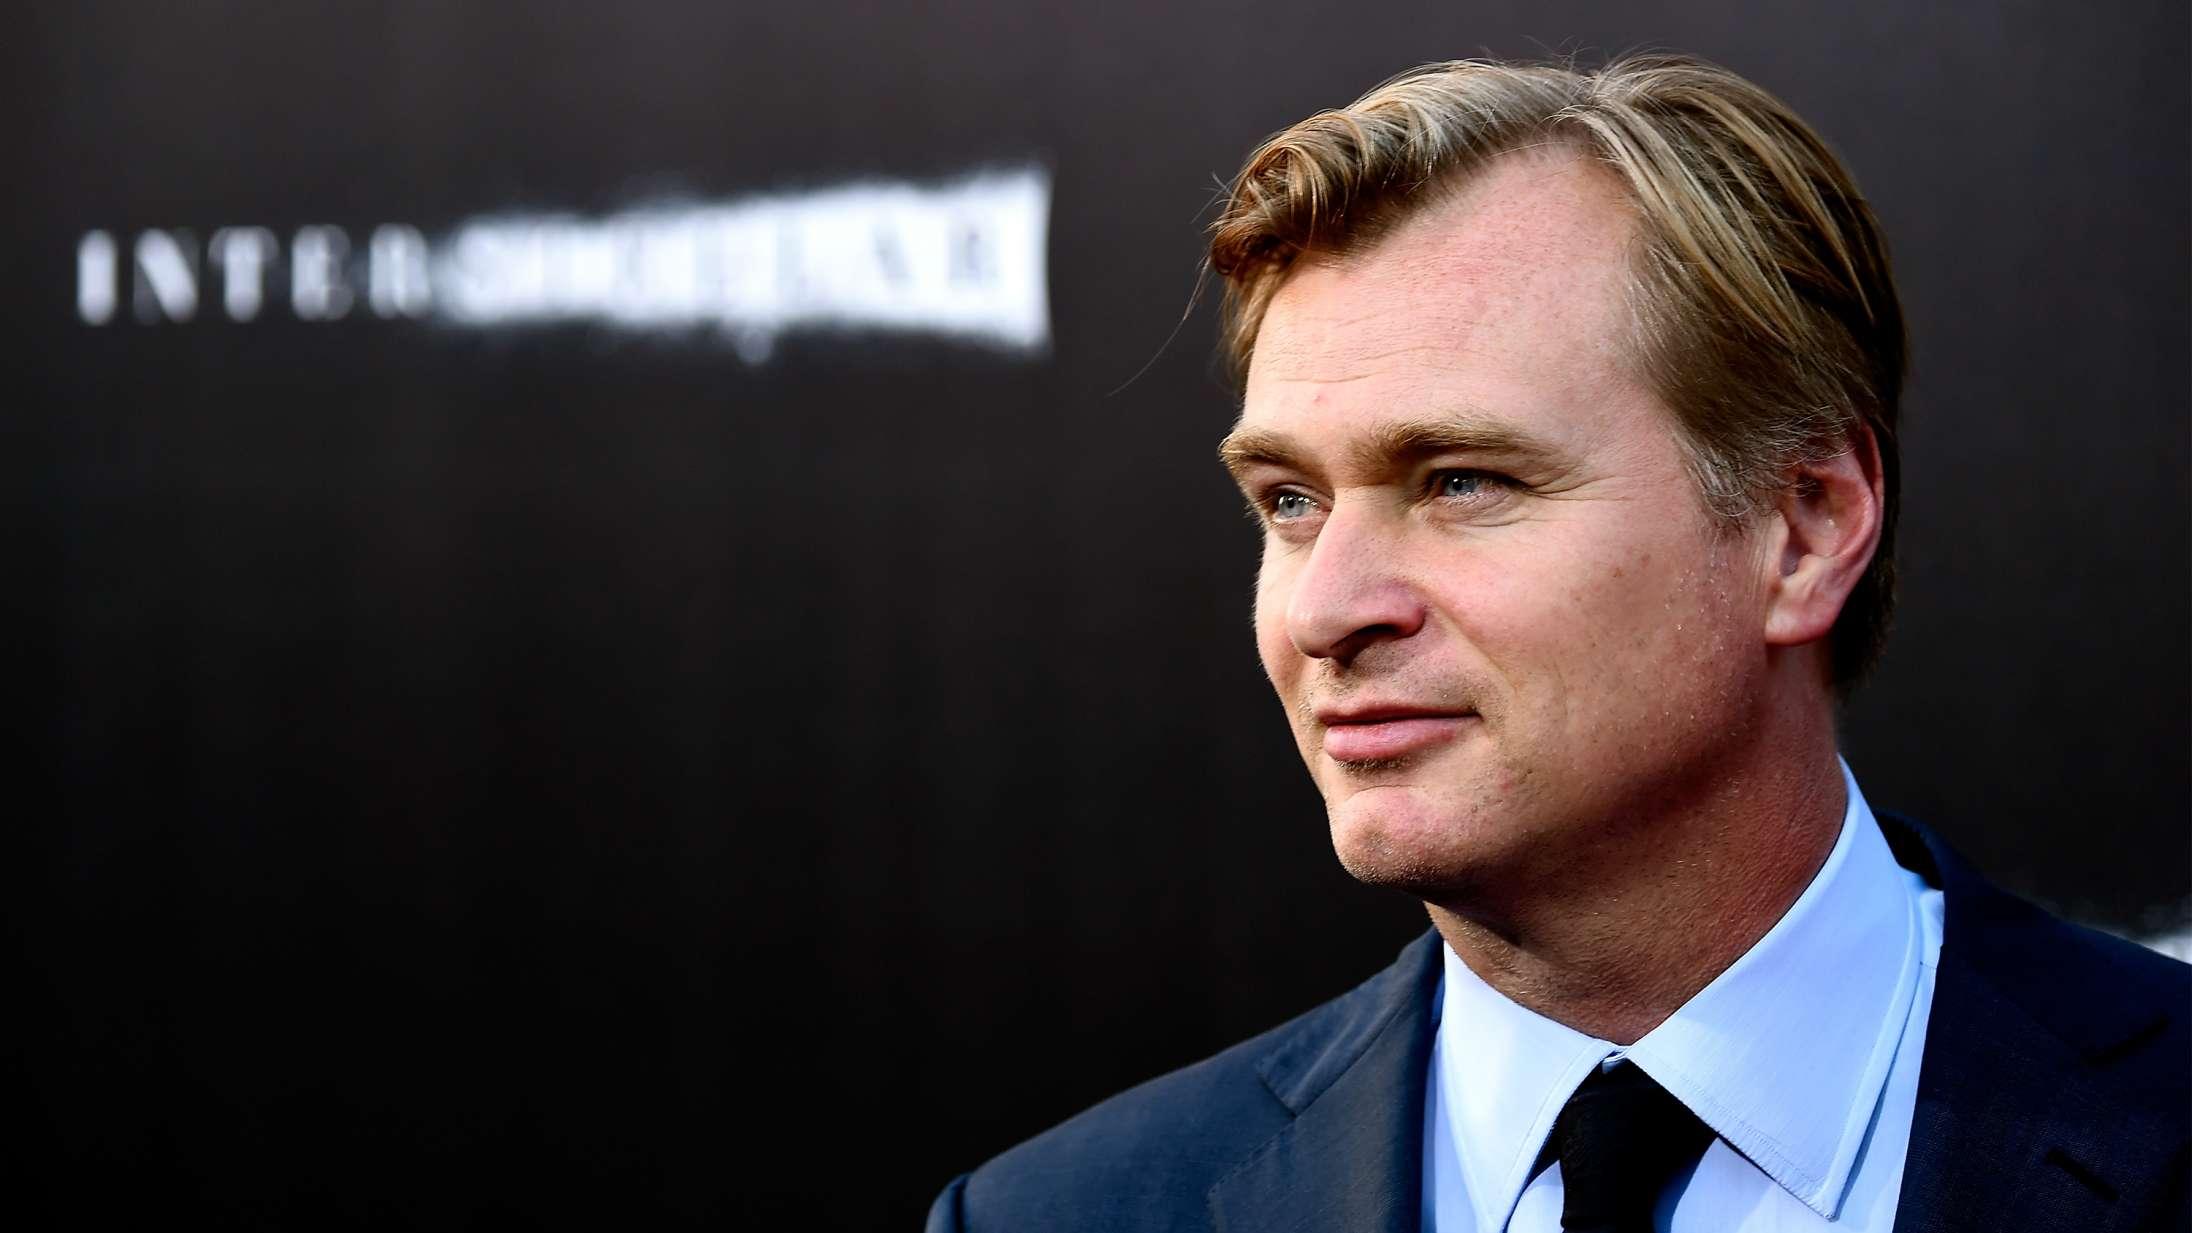 Christopher Nolan afslører den overraskende inspirationskilde til 'Tenet'